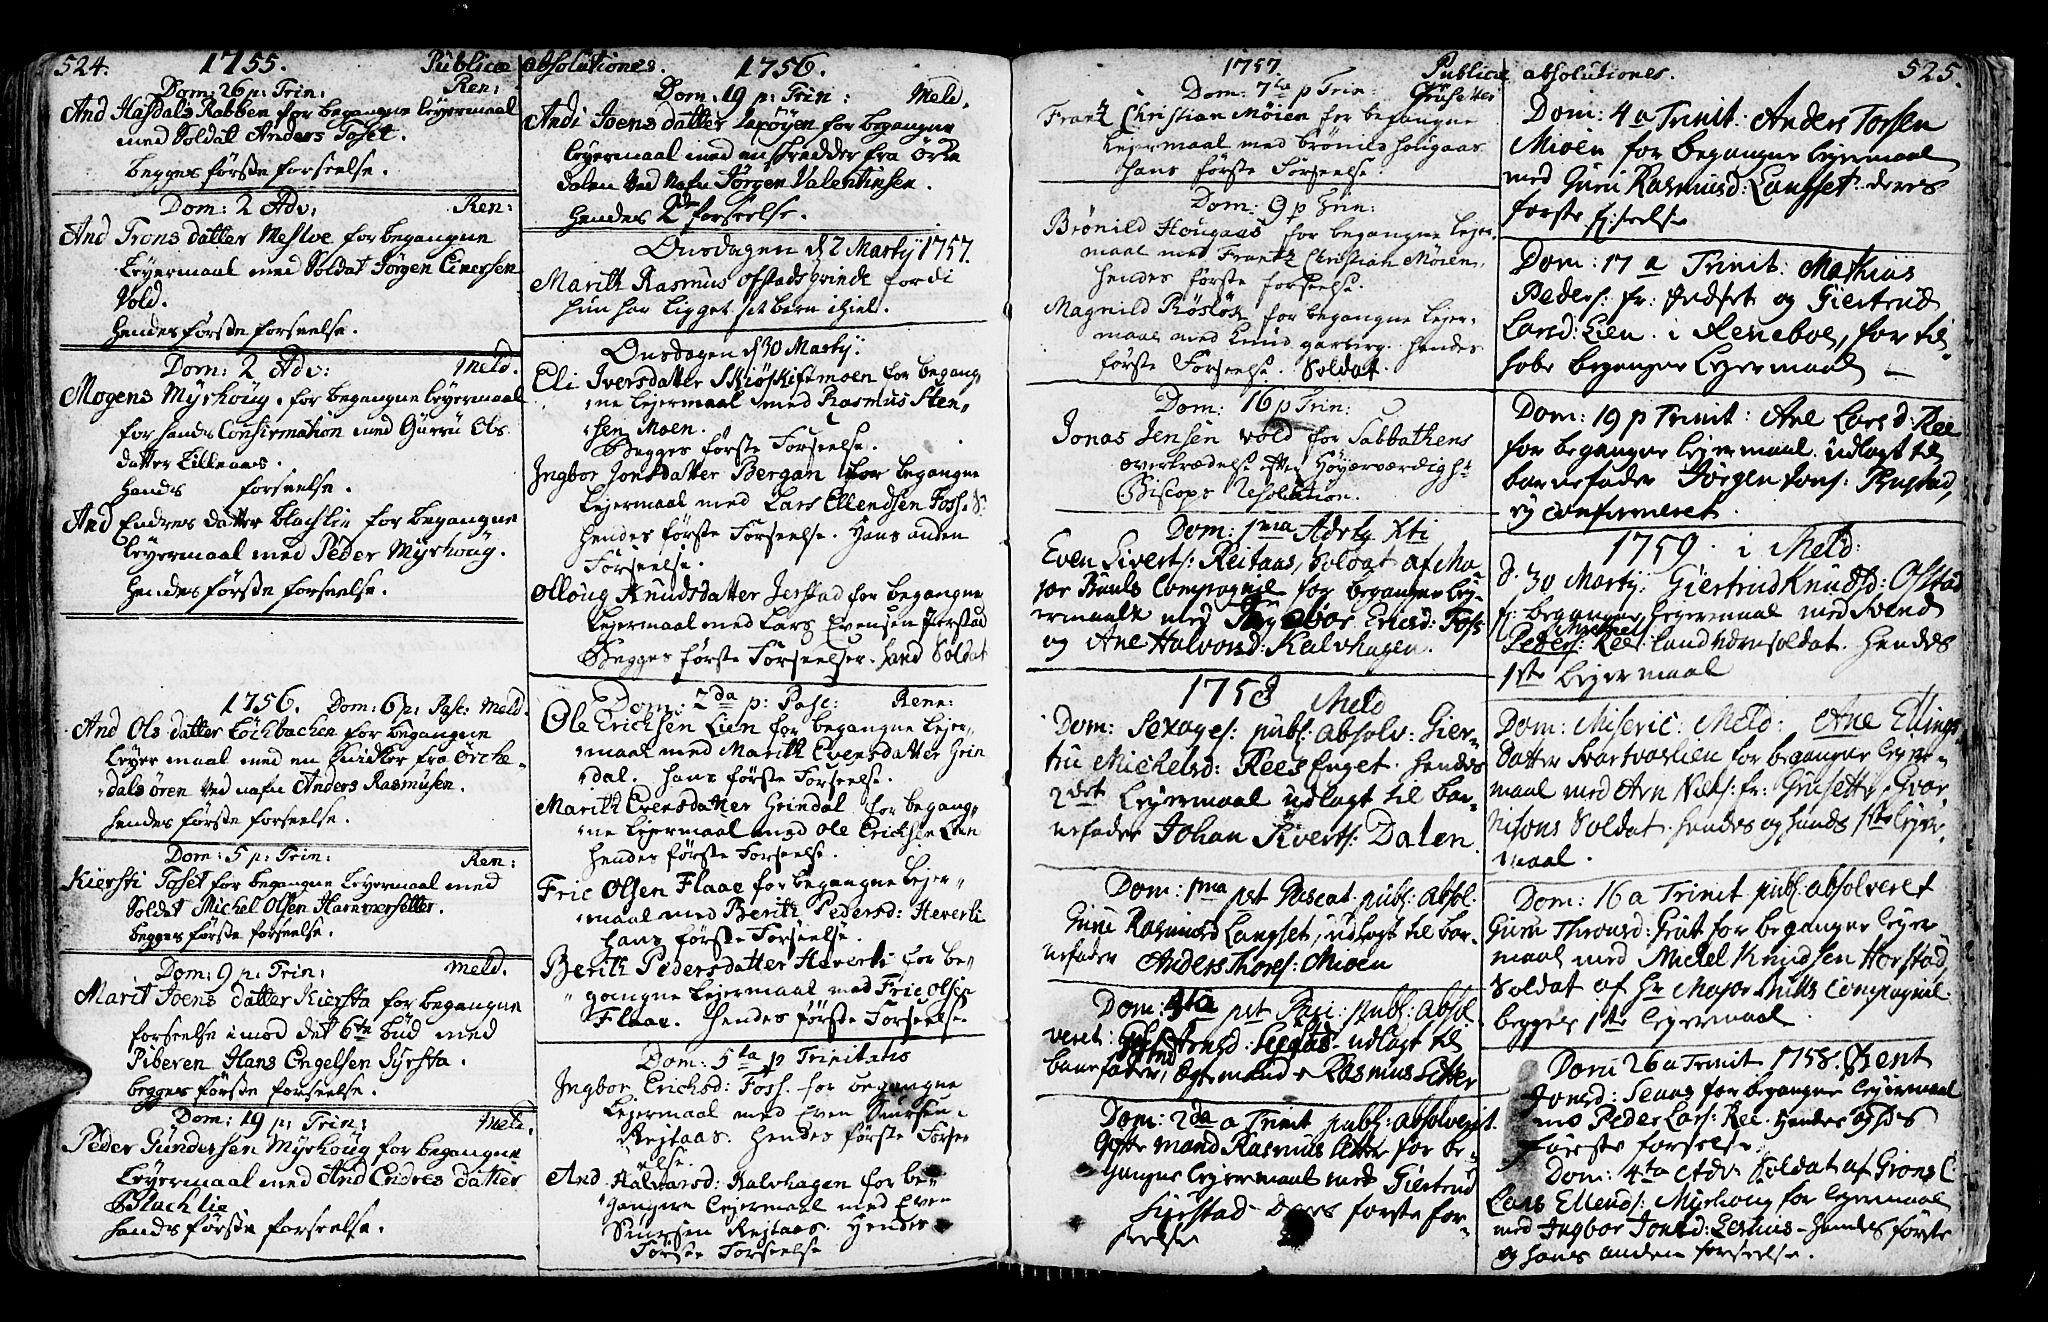 SAT, Ministerialprotokoller, klokkerbøker og fødselsregistre - Sør-Trøndelag, 672/L0851: Ministerialbok nr. 672A04, 1751-1775, s. 524-525